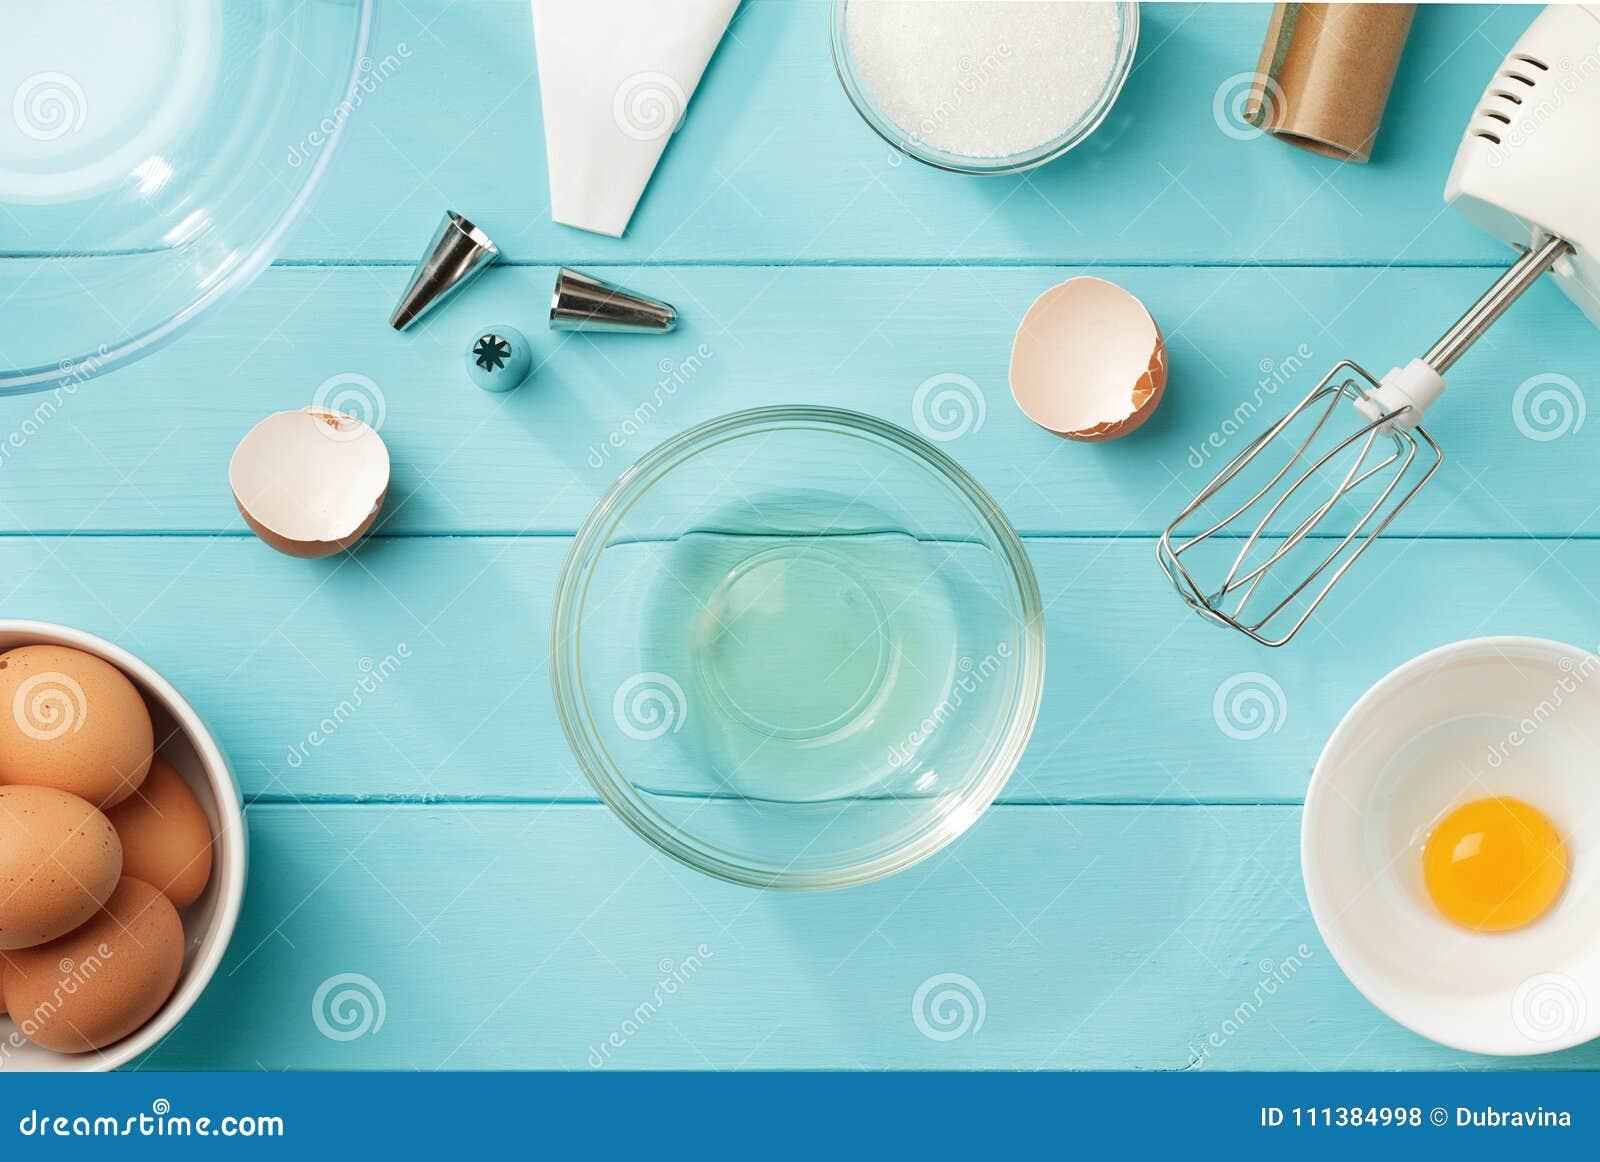 Fundo culinário com claras de ovos e gemas separadas nas bacias na tabela de madeira azul